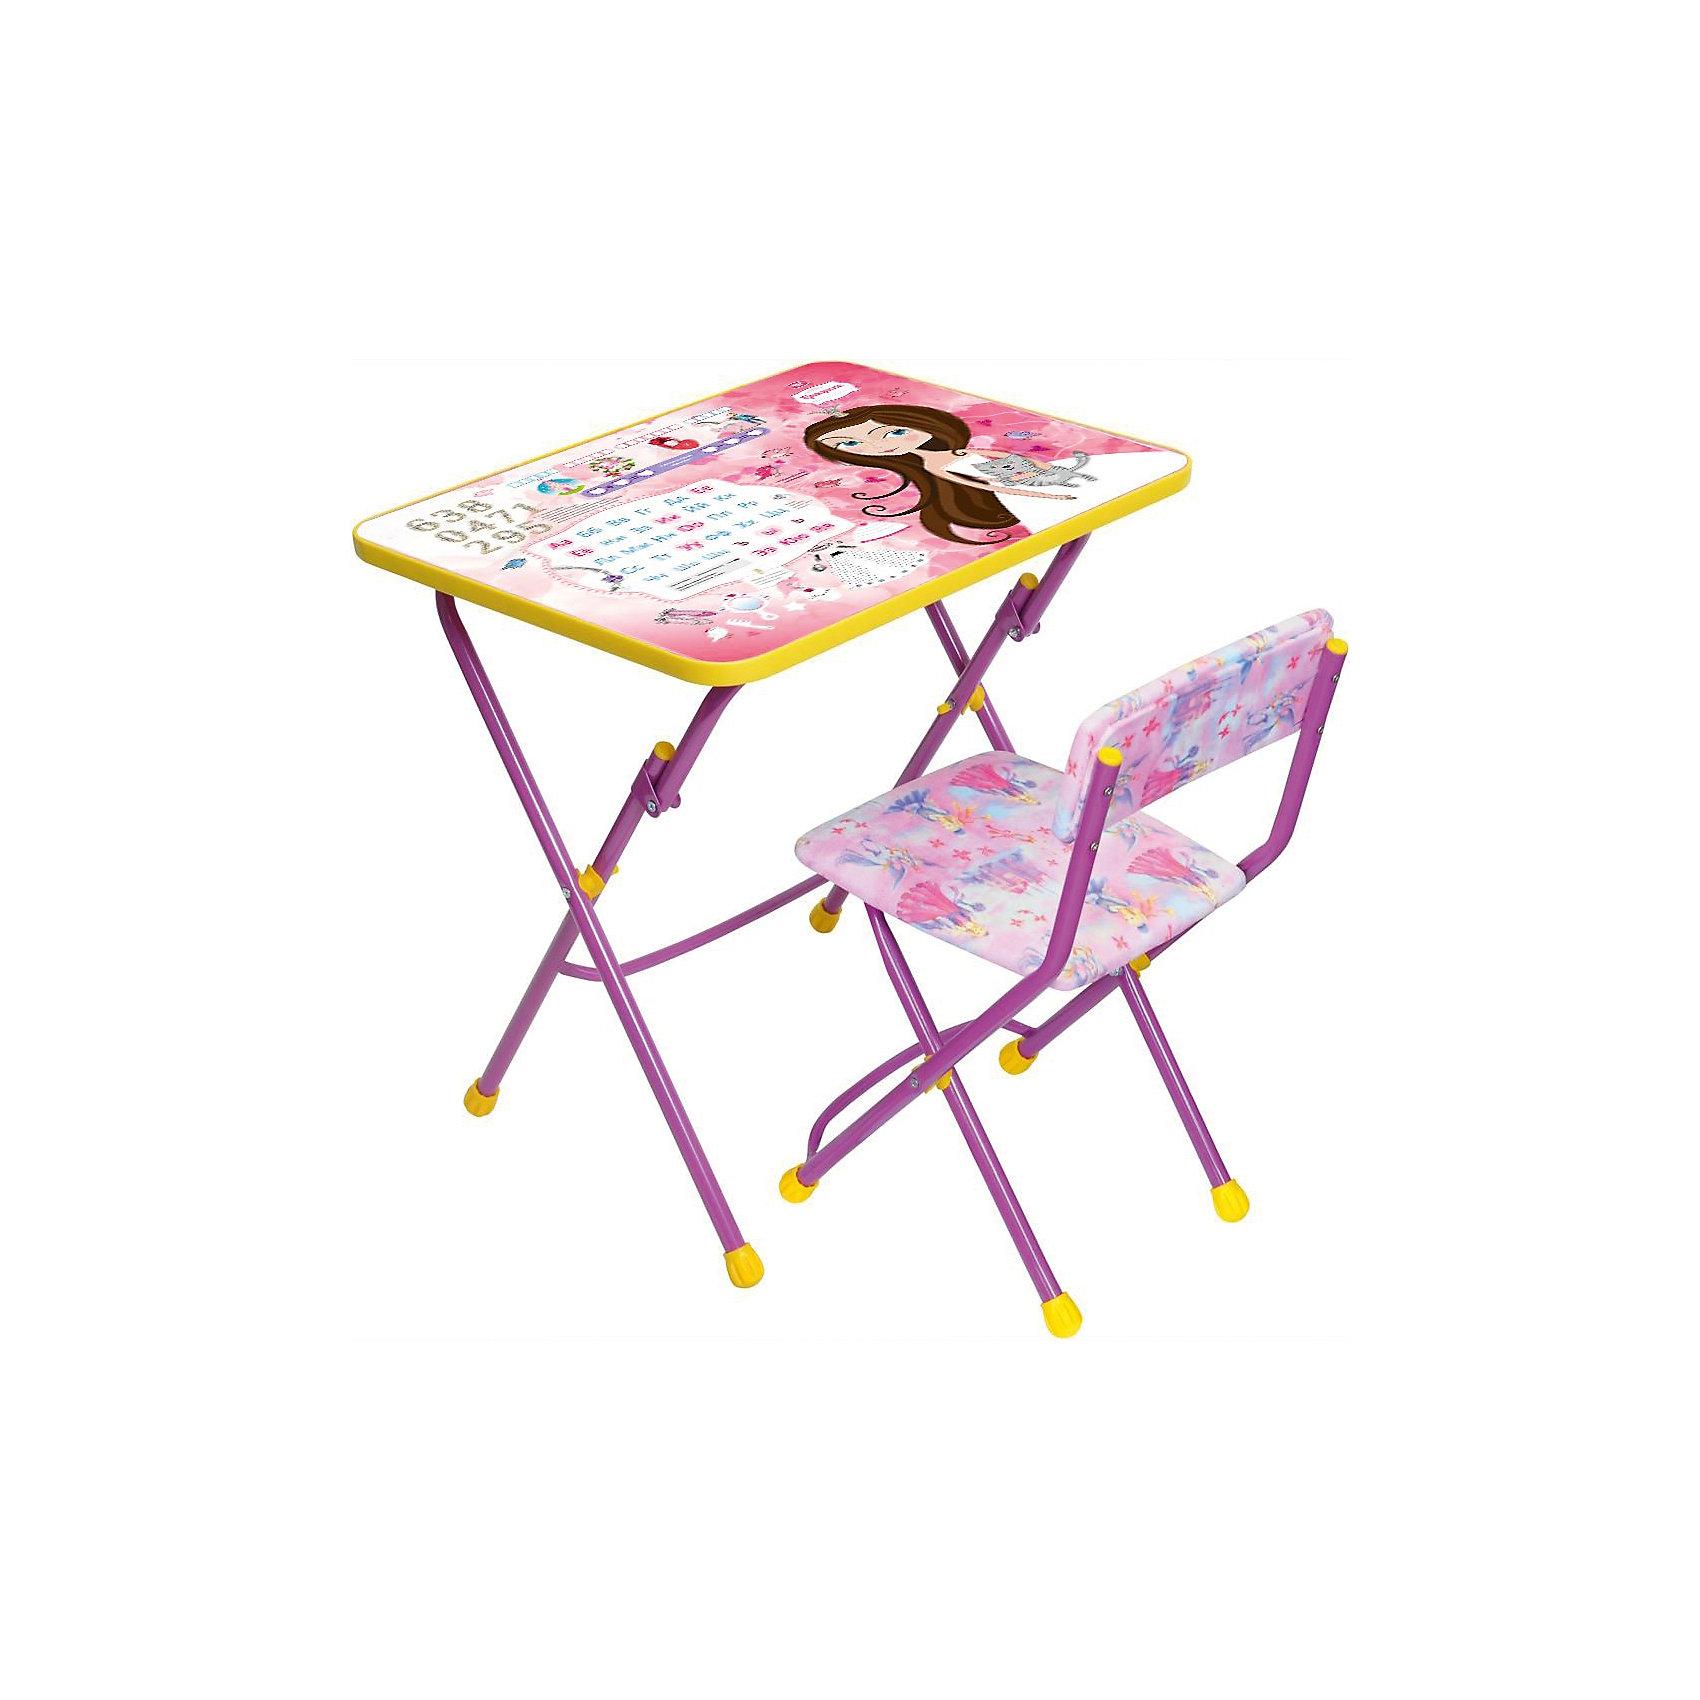 Набор мебели КУ1/17 Маленькая принцесса, НикаСимпатичный комфортный набор детской мебели Маленькая принцесса, давай дружить идеально подойдет для занятий, игр и творчества девочки 3 -7 лет. В набор входят стол и стул с металлическим каркасом и мягким сиденьем, выполненные в приятной розовой расцветке.<br>Пластиковая столешница облицована пленкой с красочными изображениями сказочных принцесс. Мебель удобна и безопасна для ребенка, углы стола и стула мягко закруглены. Ножки снабжены наконечниками, предотвращающими скольжение. Сиденье стульчика можно мыть. Стул и стол легко складываются и не занимают много места при хранении.<br><br>Дополнительная информация:<br><br>- Цвет: розовый.<br>- В комплекте: складной стол, пенал, мягкий складной стул.<br>- Материал: пластик, металл.<br>- Размер стула: высота до сиденья - 30 см., размер сиденья - 31 х 30 см.<br>- Размер стола: 60 х 45 х 58 см.<br>- Размер упаковки: 61 х 15 х 75 см.<br>- Вес: 8,2 кг.<br><br>Набор детской мебели Маленькая принцесса, давай дружить, розовый, Ника, можно купить в нашем интернет-магазине.<br><br>Ширина мм: 8200<br>Глубина мм: 8200<br>Высота мм: 60<br>Вес г: 8200<br>Возраст от месяцев: 36<br>Возраст до месяцев: 96<br>Пол: Женский<br>Возраст: Детский<br>SKU: 4652033